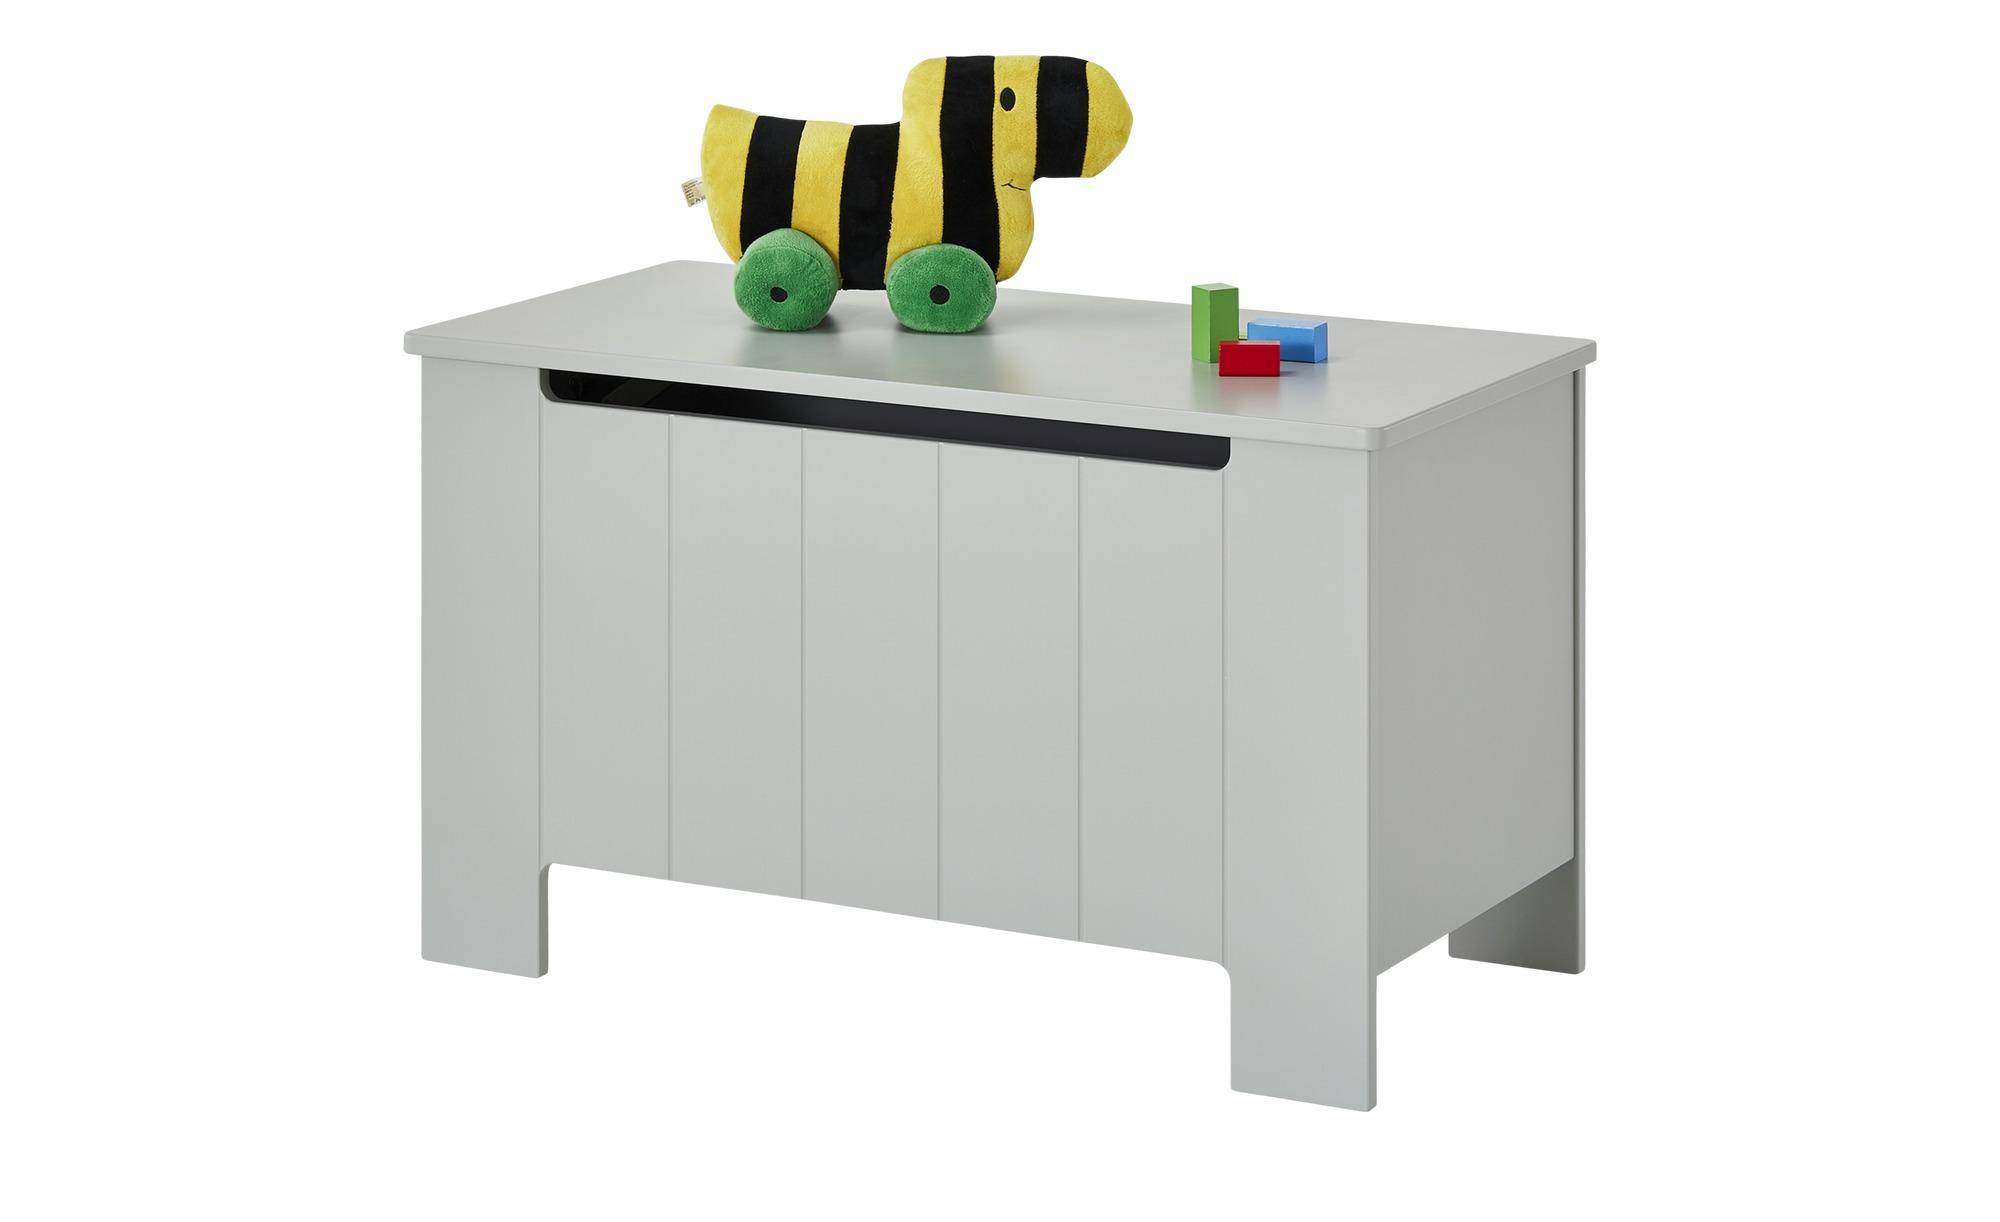 Spielzeug-Truhe  Smilla ¦ grau ¦ MDF Aufbewahrung > Truhen & Kisten - Höffner